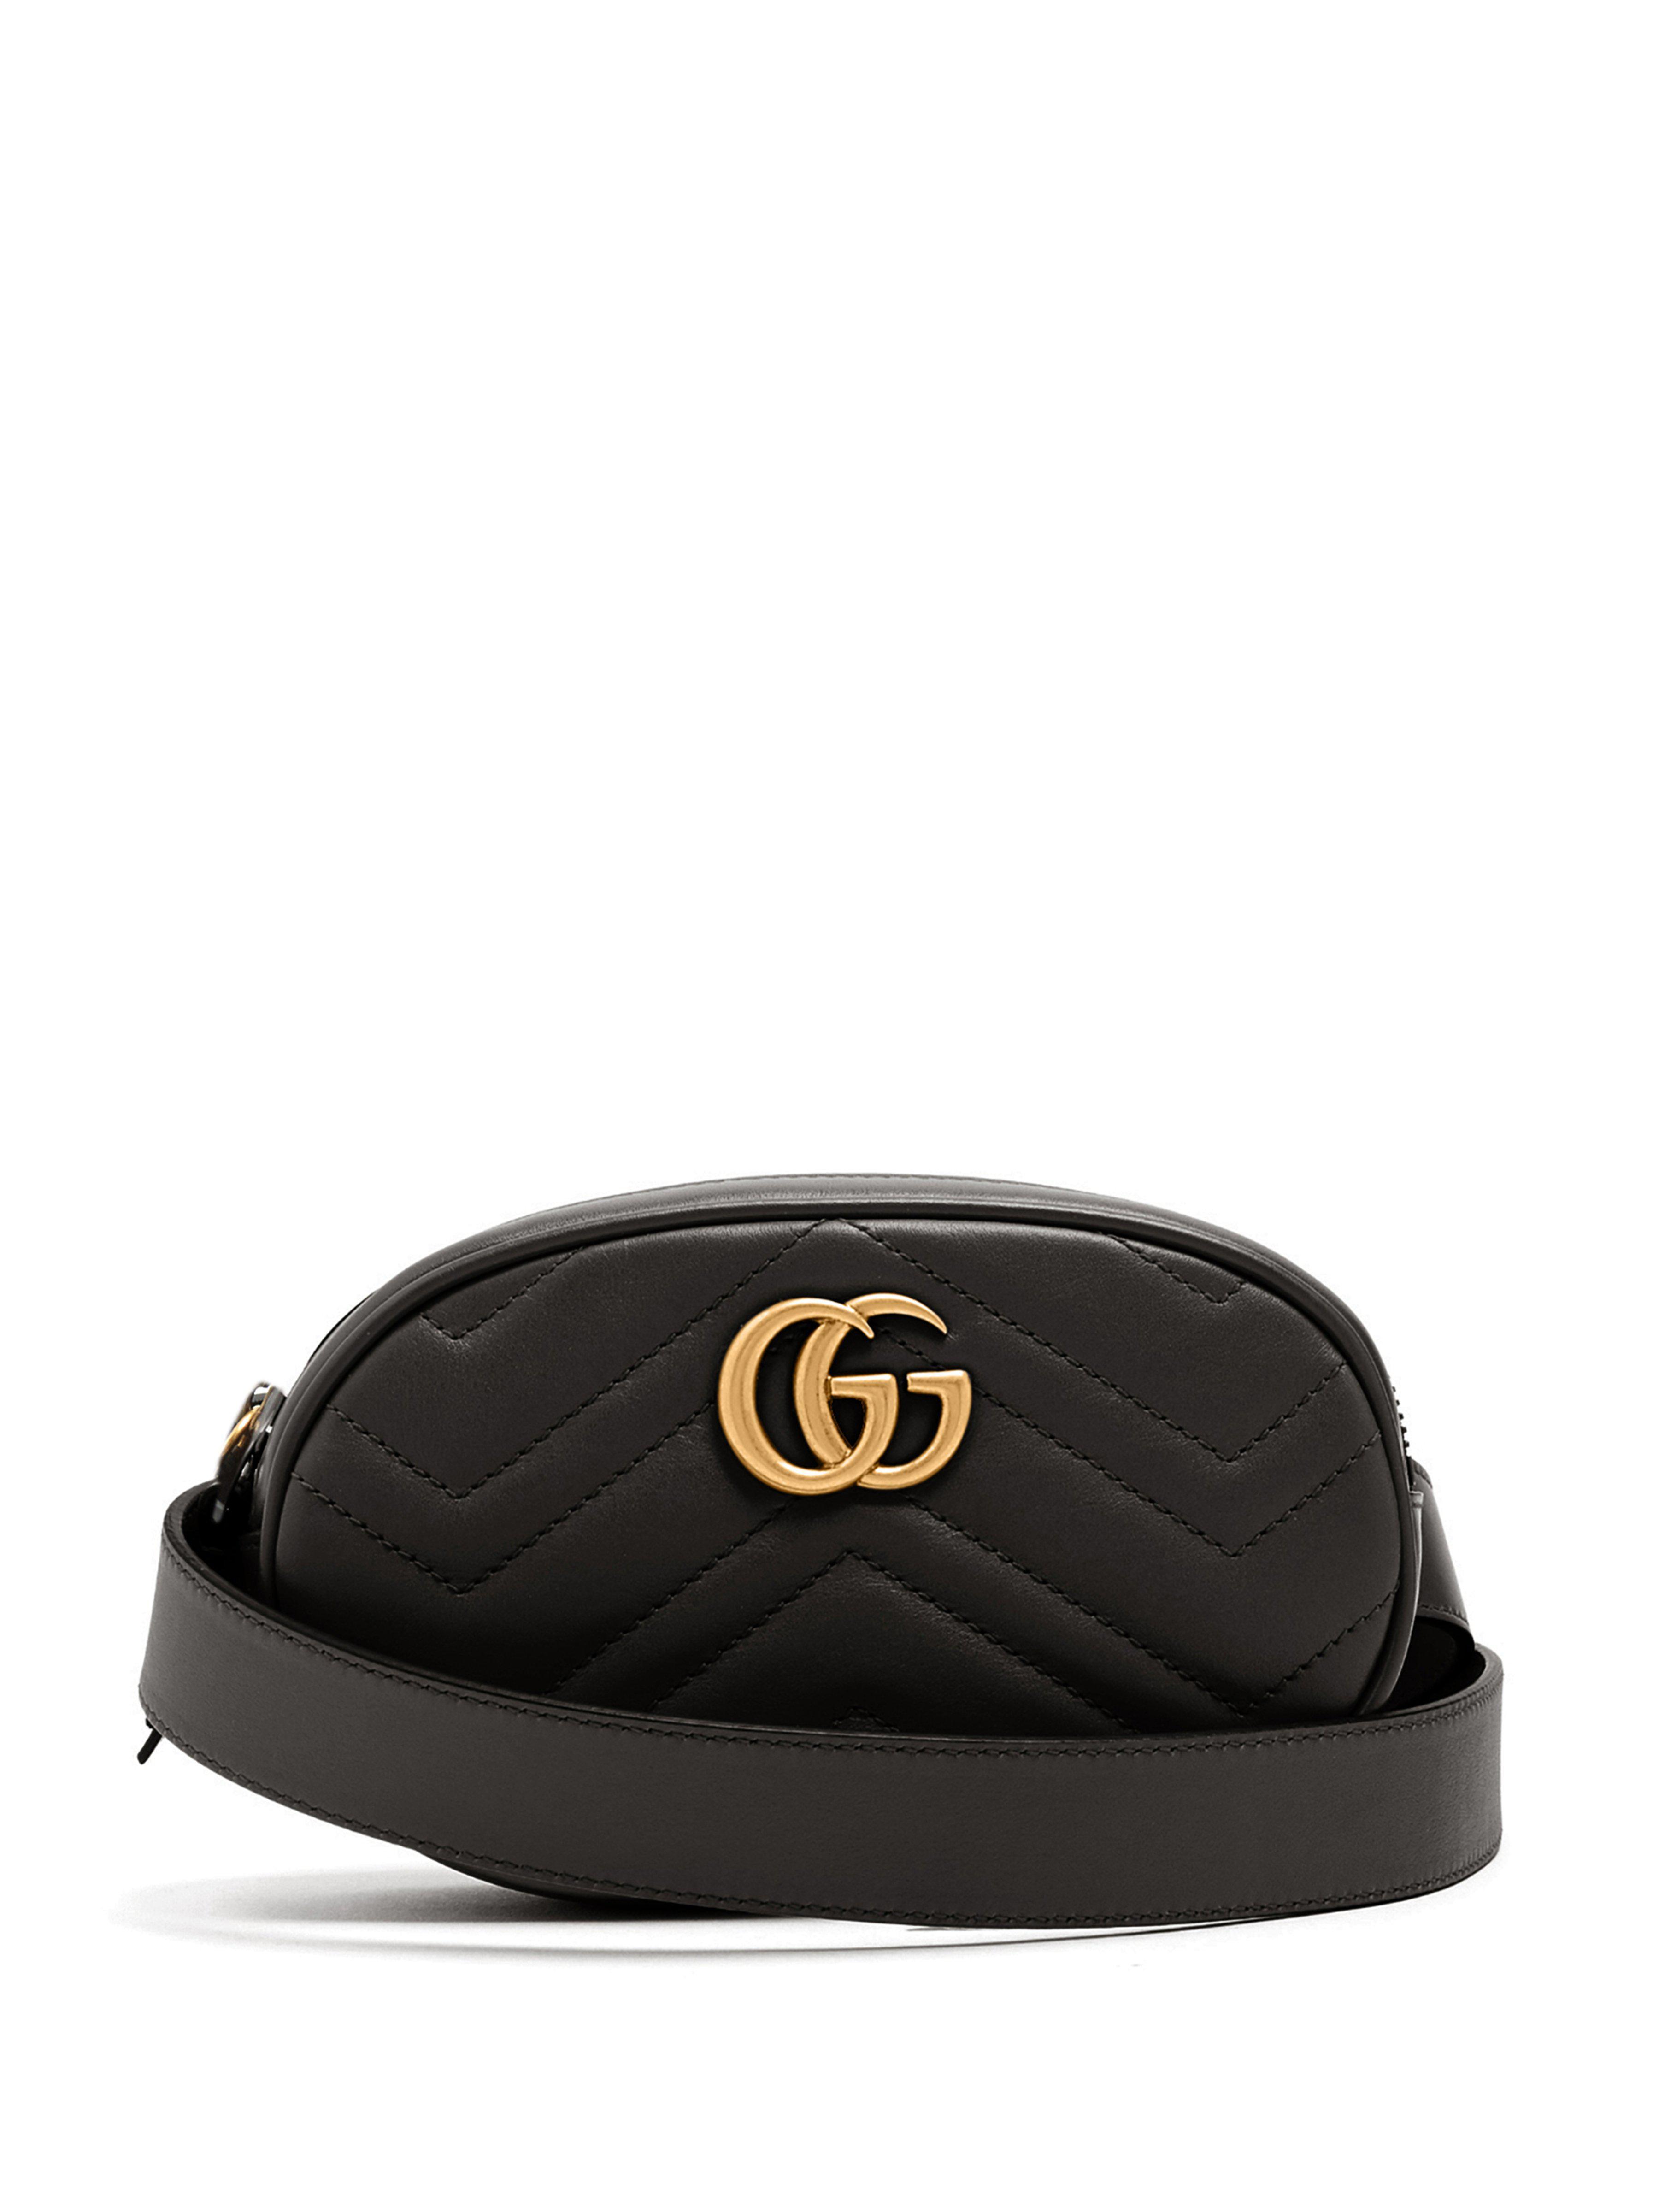 696b55f2117 Gucci. Sac ceinture en cuir matelassé GG Marmont femme de coloris noir